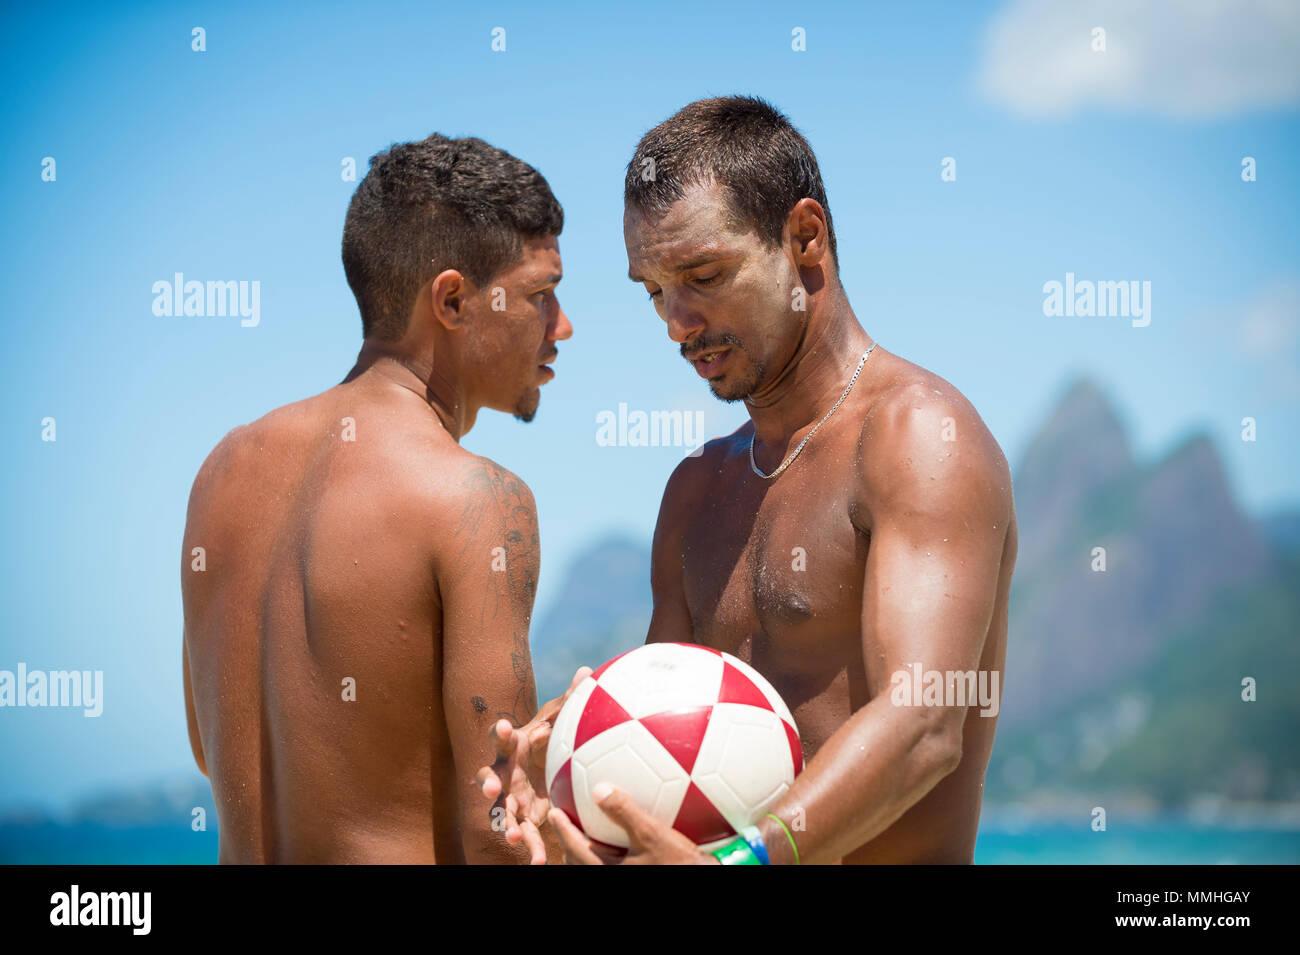 RIO DE JANEIRO - Februar 9, 2017: Junge brasilianische Männer stehen am Strand mit einem Fußball in Arpoador, gegen einen Blick auf die Skyline von zwei Brüdern Berg Stockbild